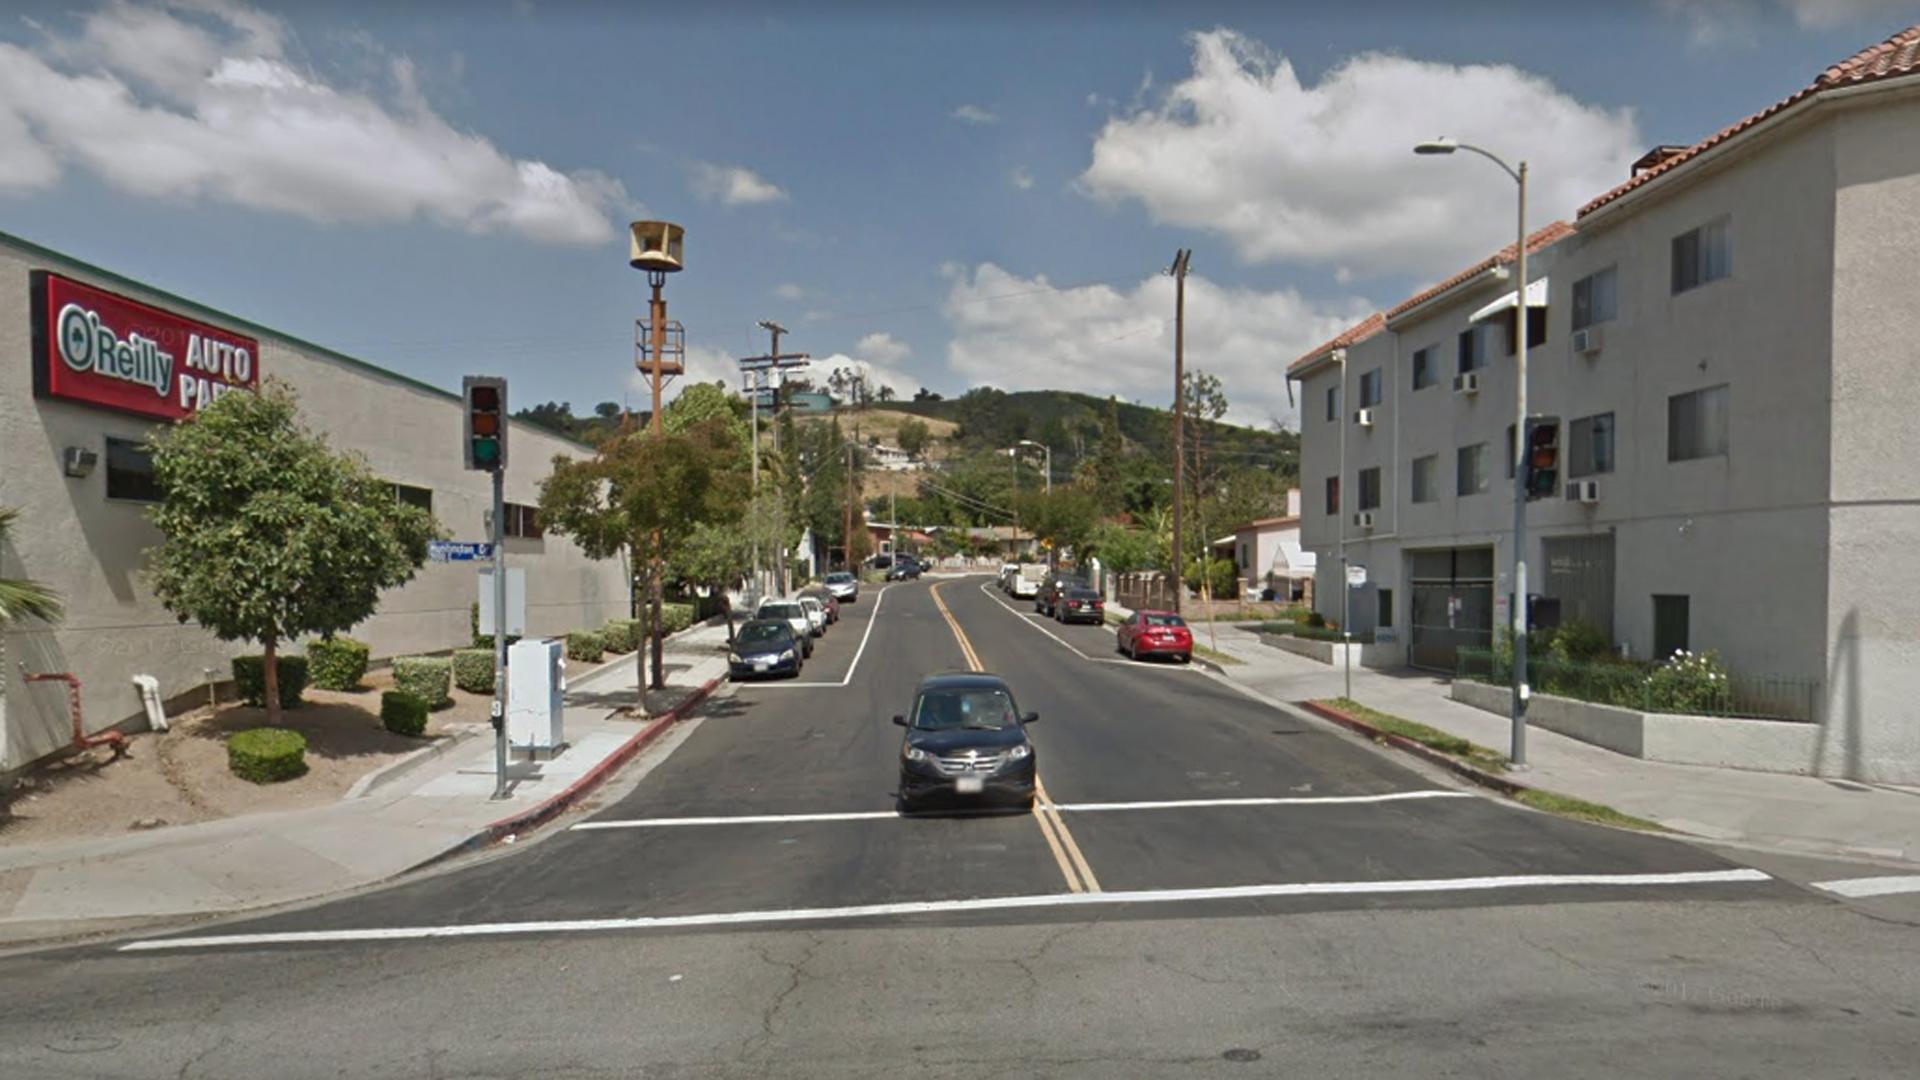 The 3900 block of Van Horne Avenue in the El Sereno neighborhood of Los Angeles, as viewed in a Google Street View image.